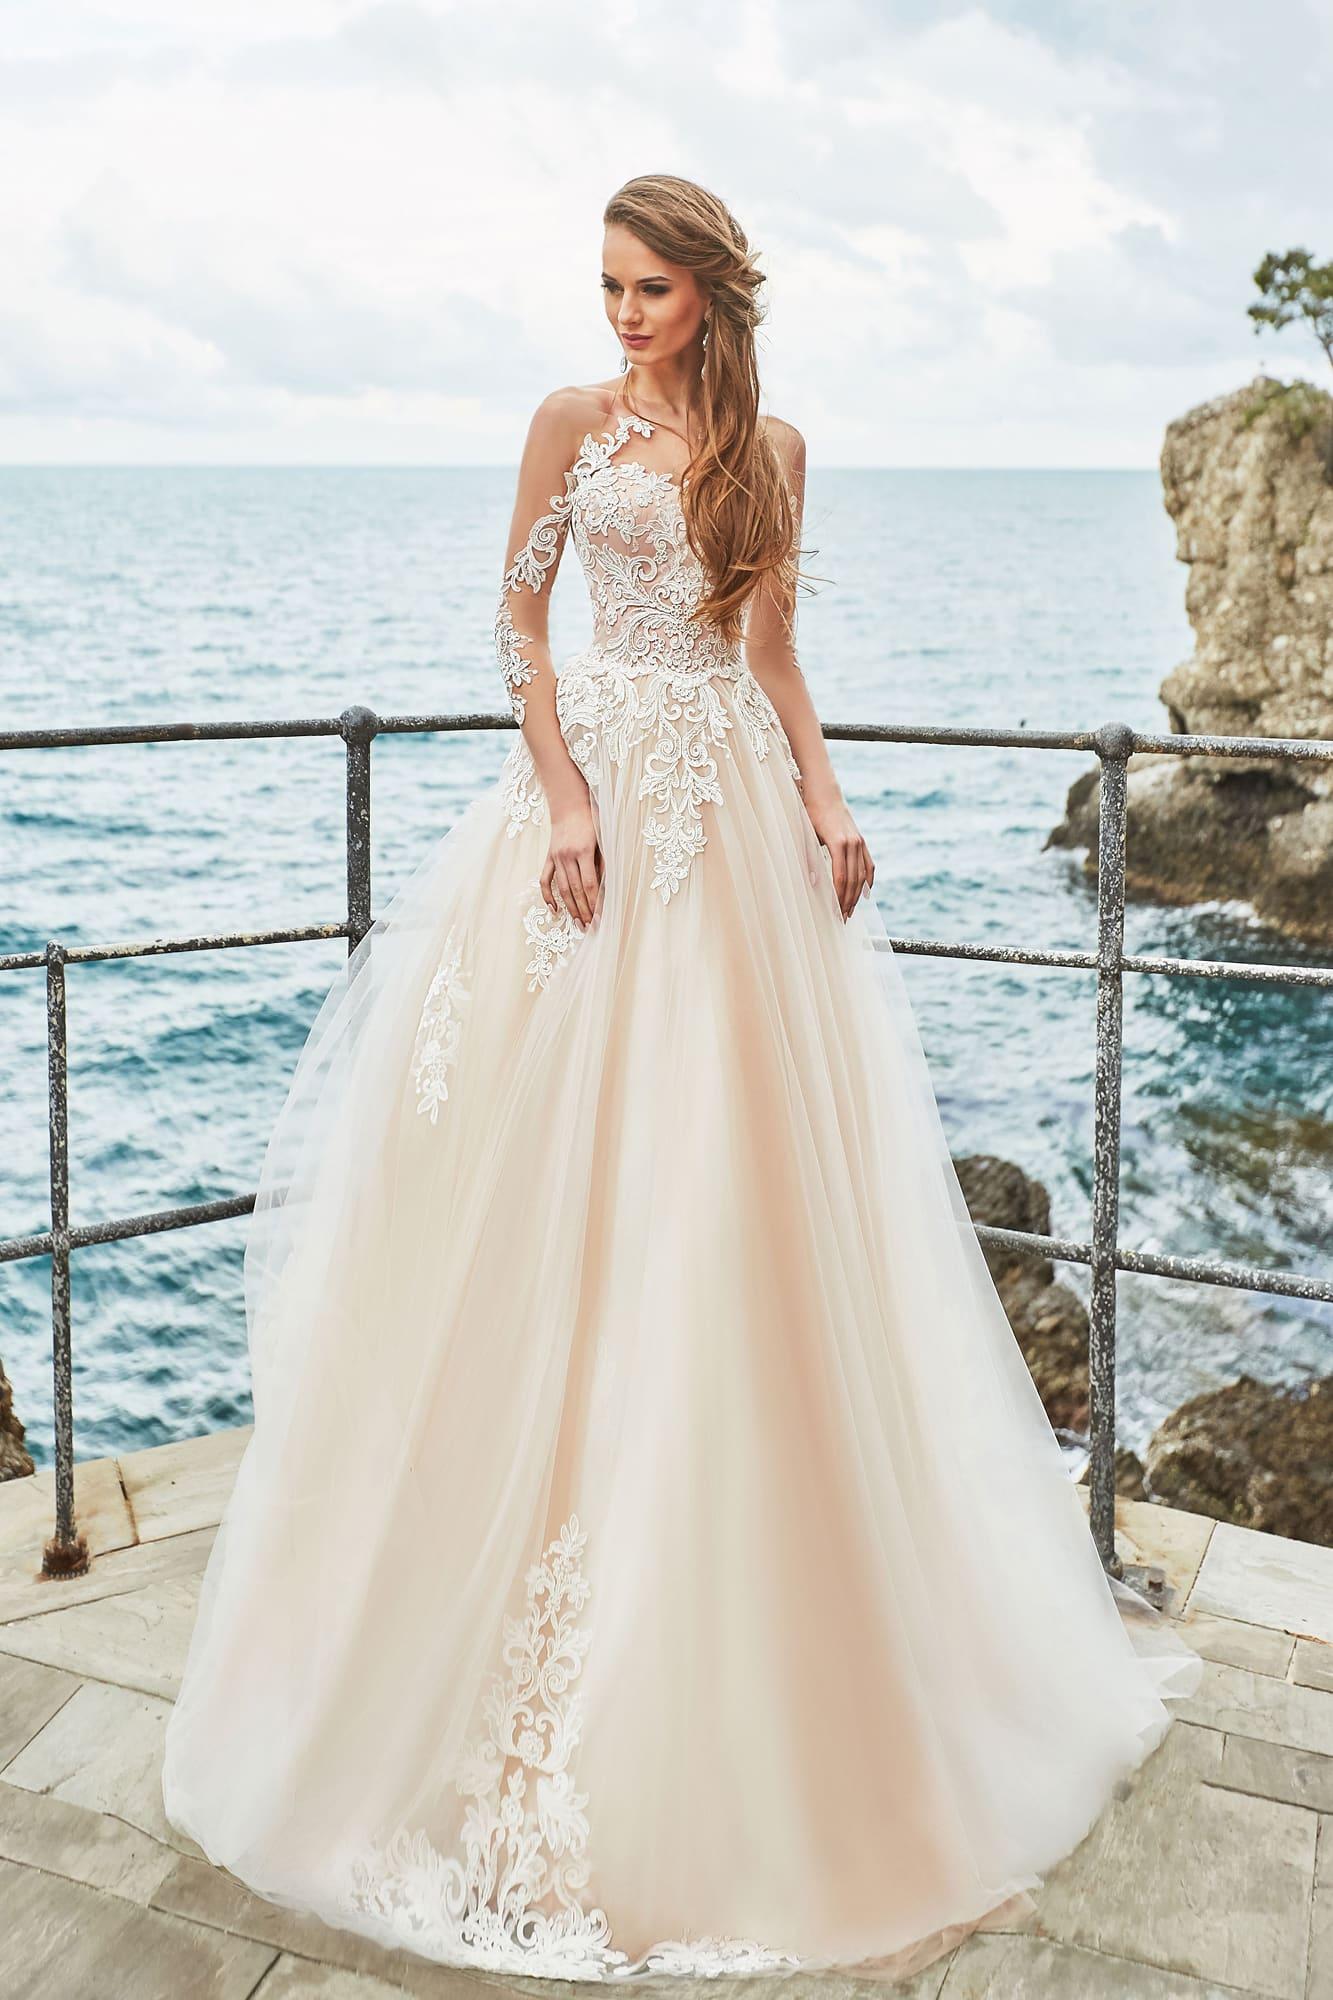 29cc4624be9 Свадебное платье Оксана Муха Asira ▷ Свадебный Торговый Центр Вега ...